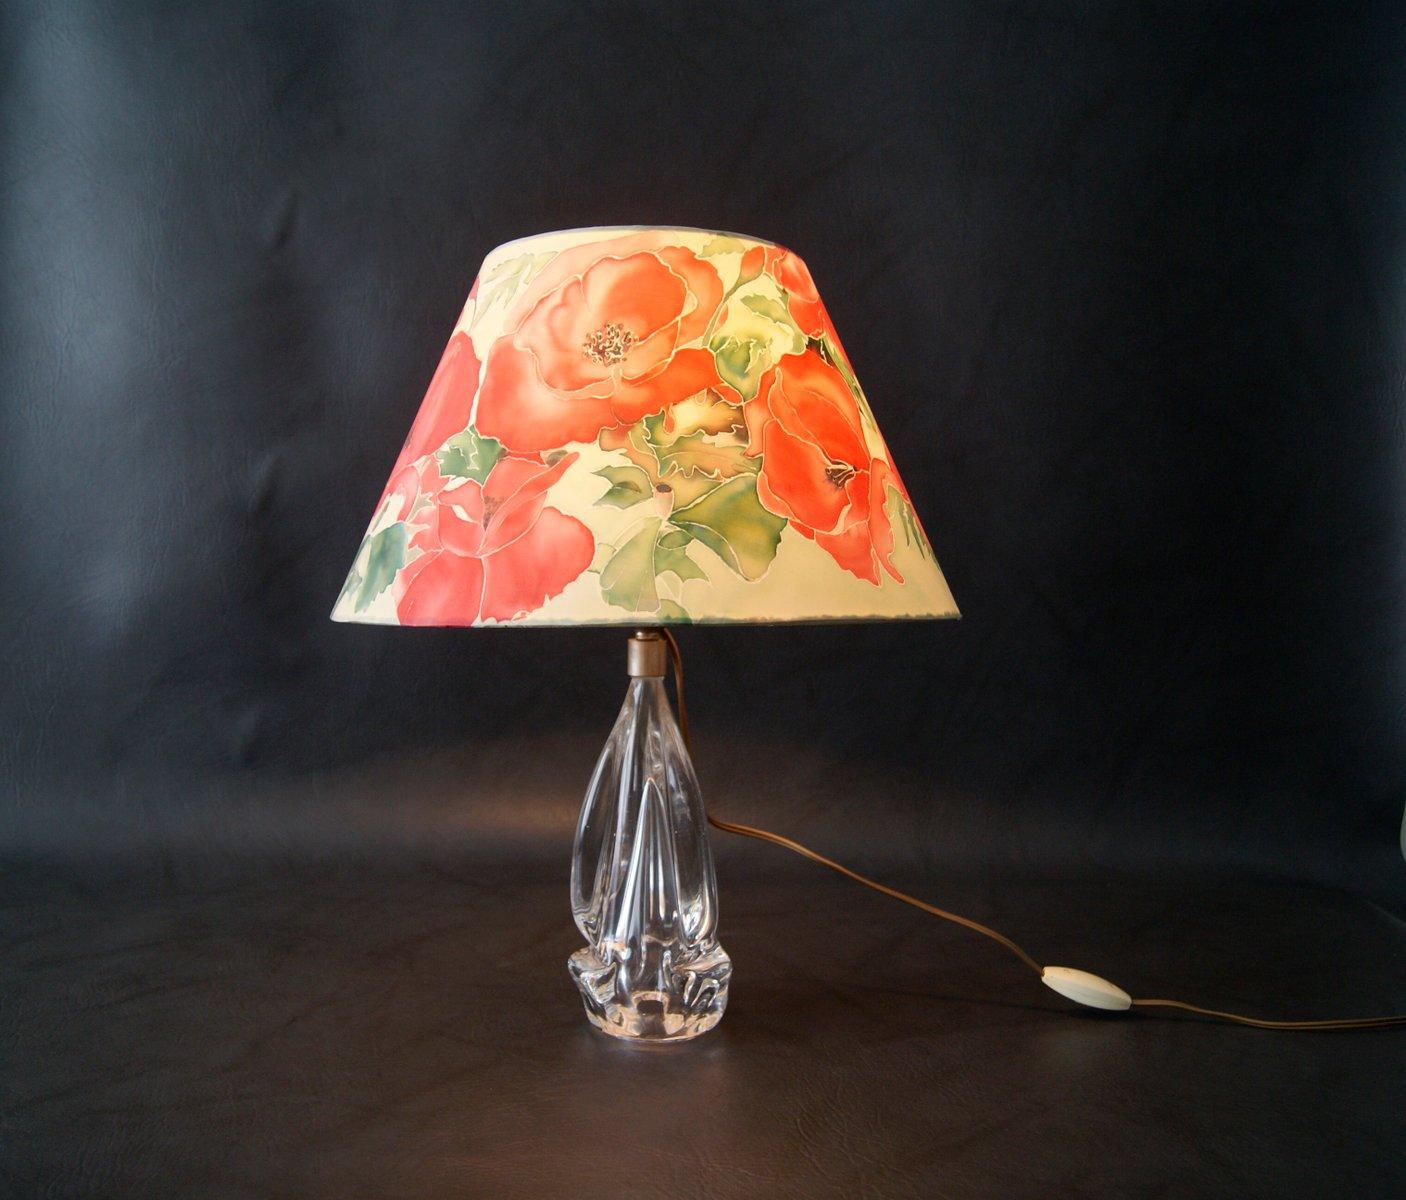 franz sische tischlampe mit glas sockel und floralem schirm 1950er bei pamono kaufen. Black Bedroom Furniture Sets. Home Design Ideas